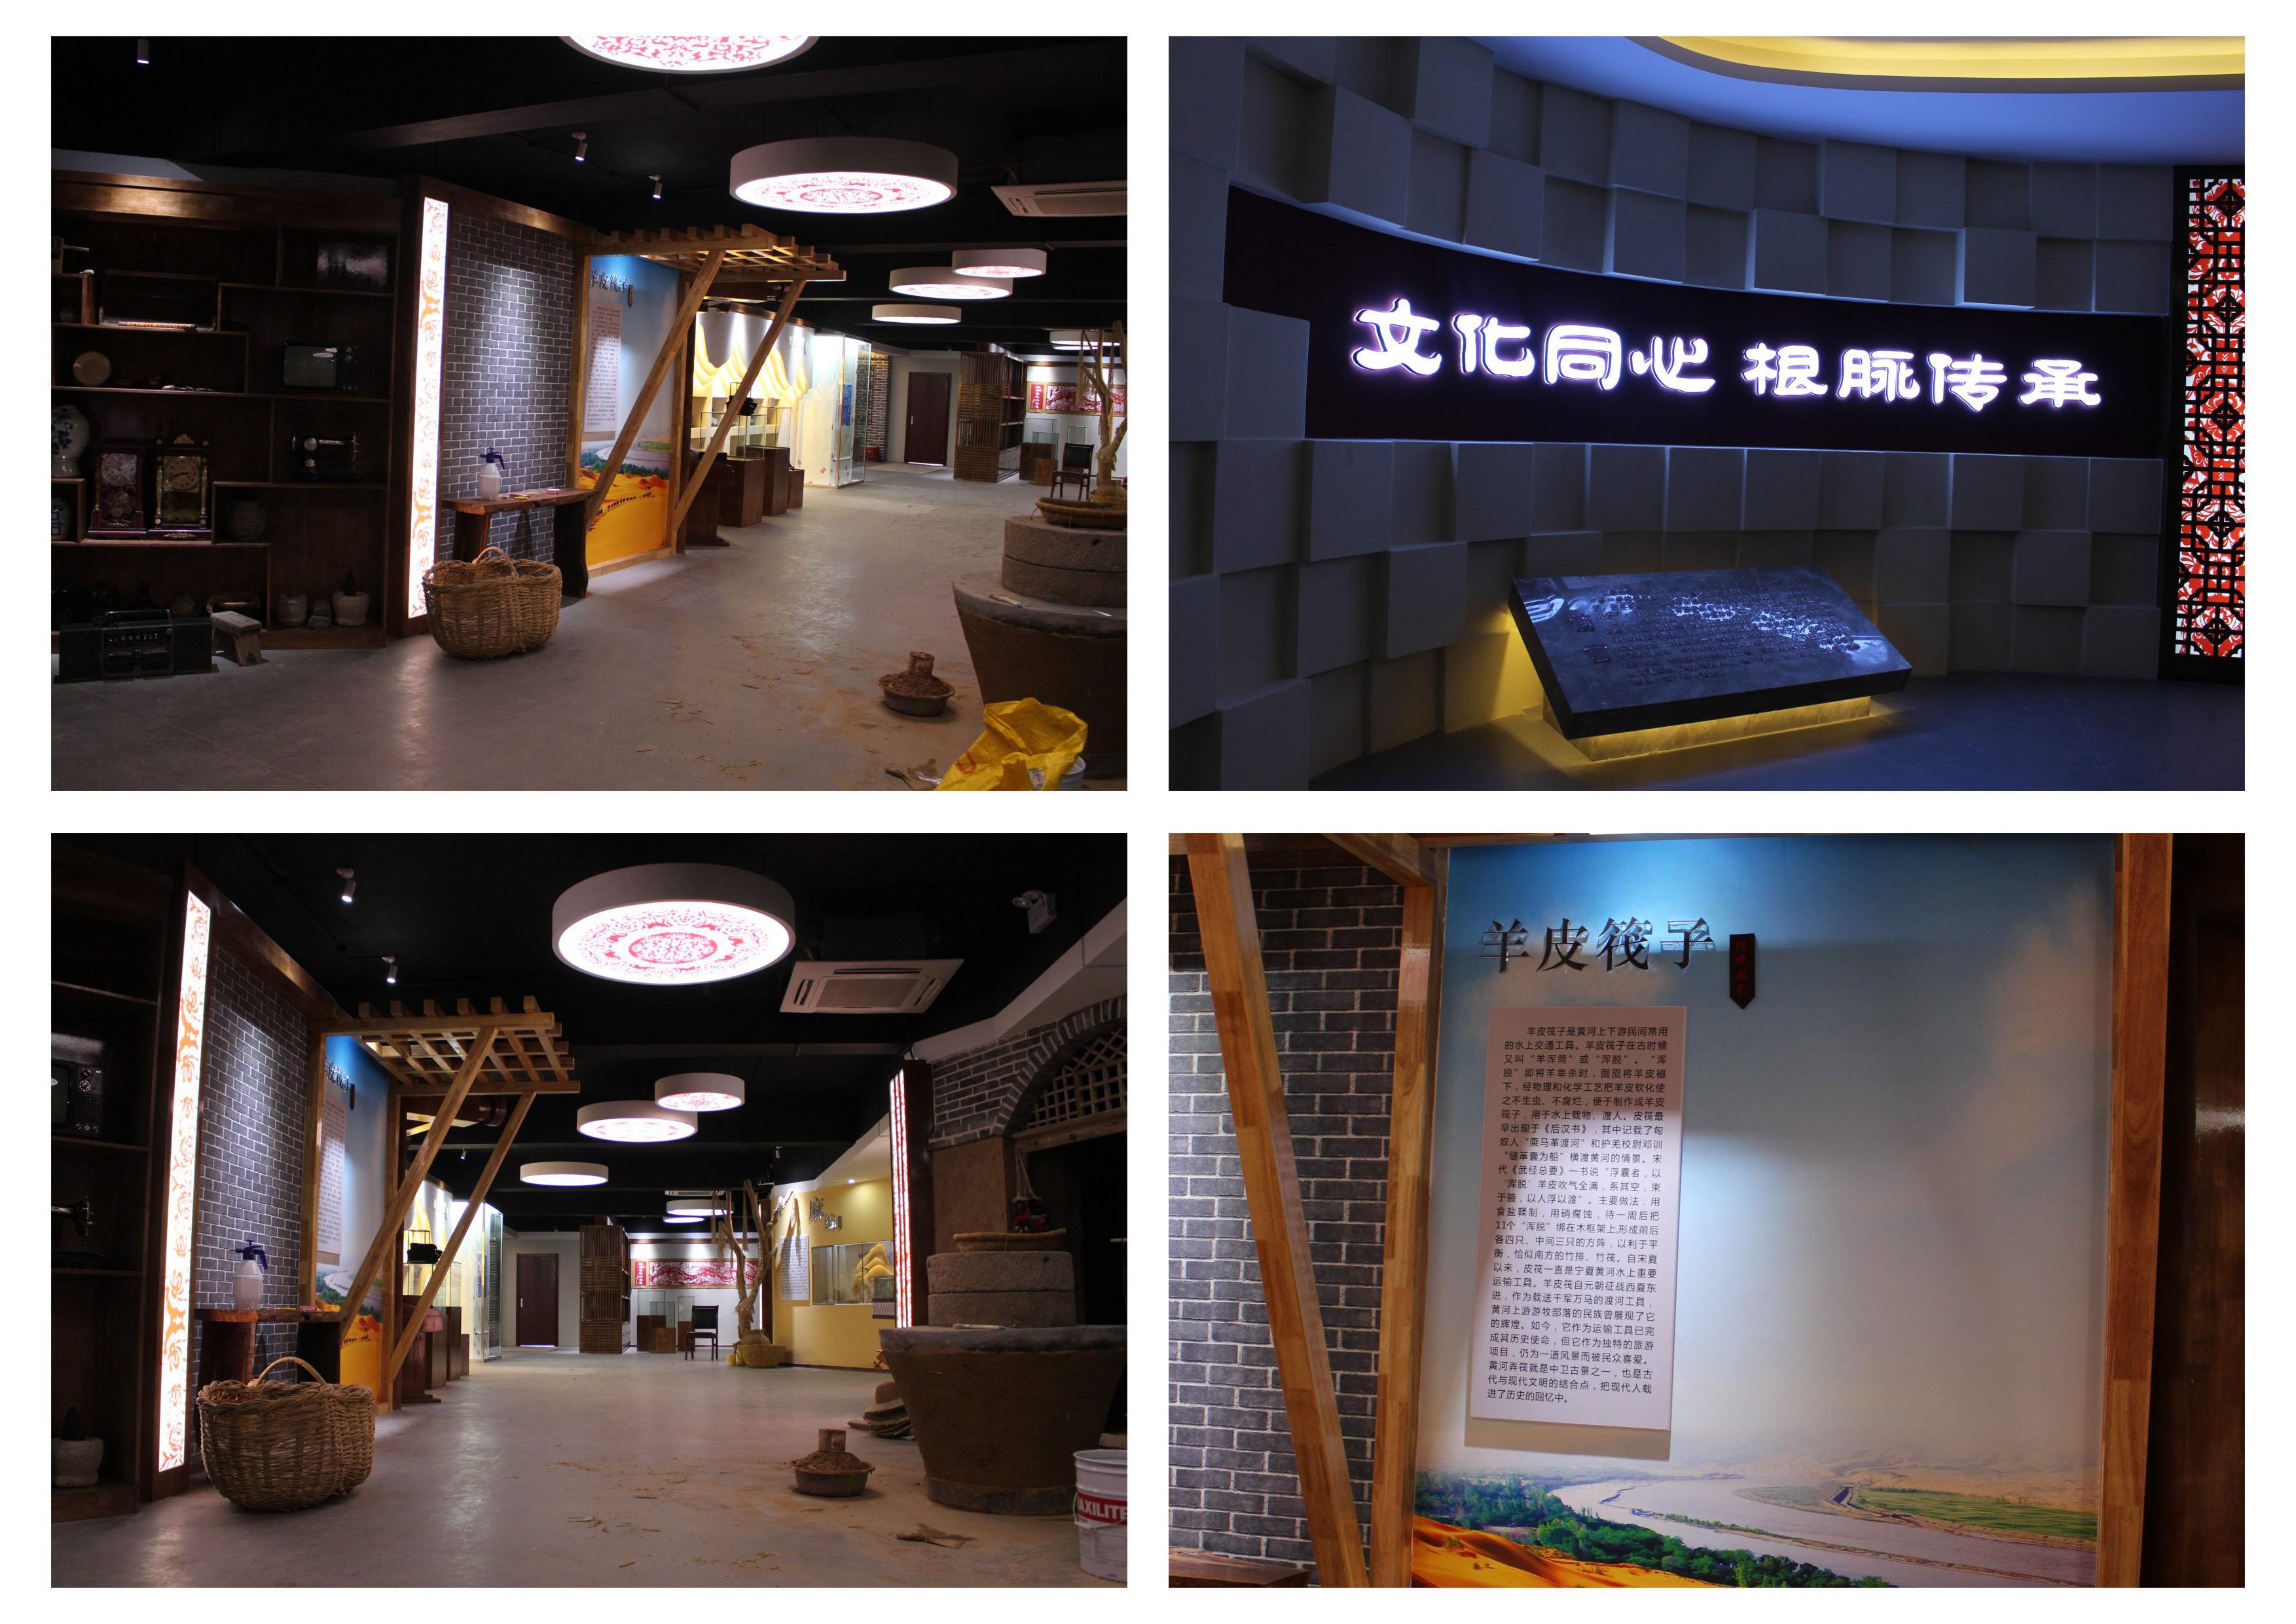 宁夏同心县非遗文化展厅